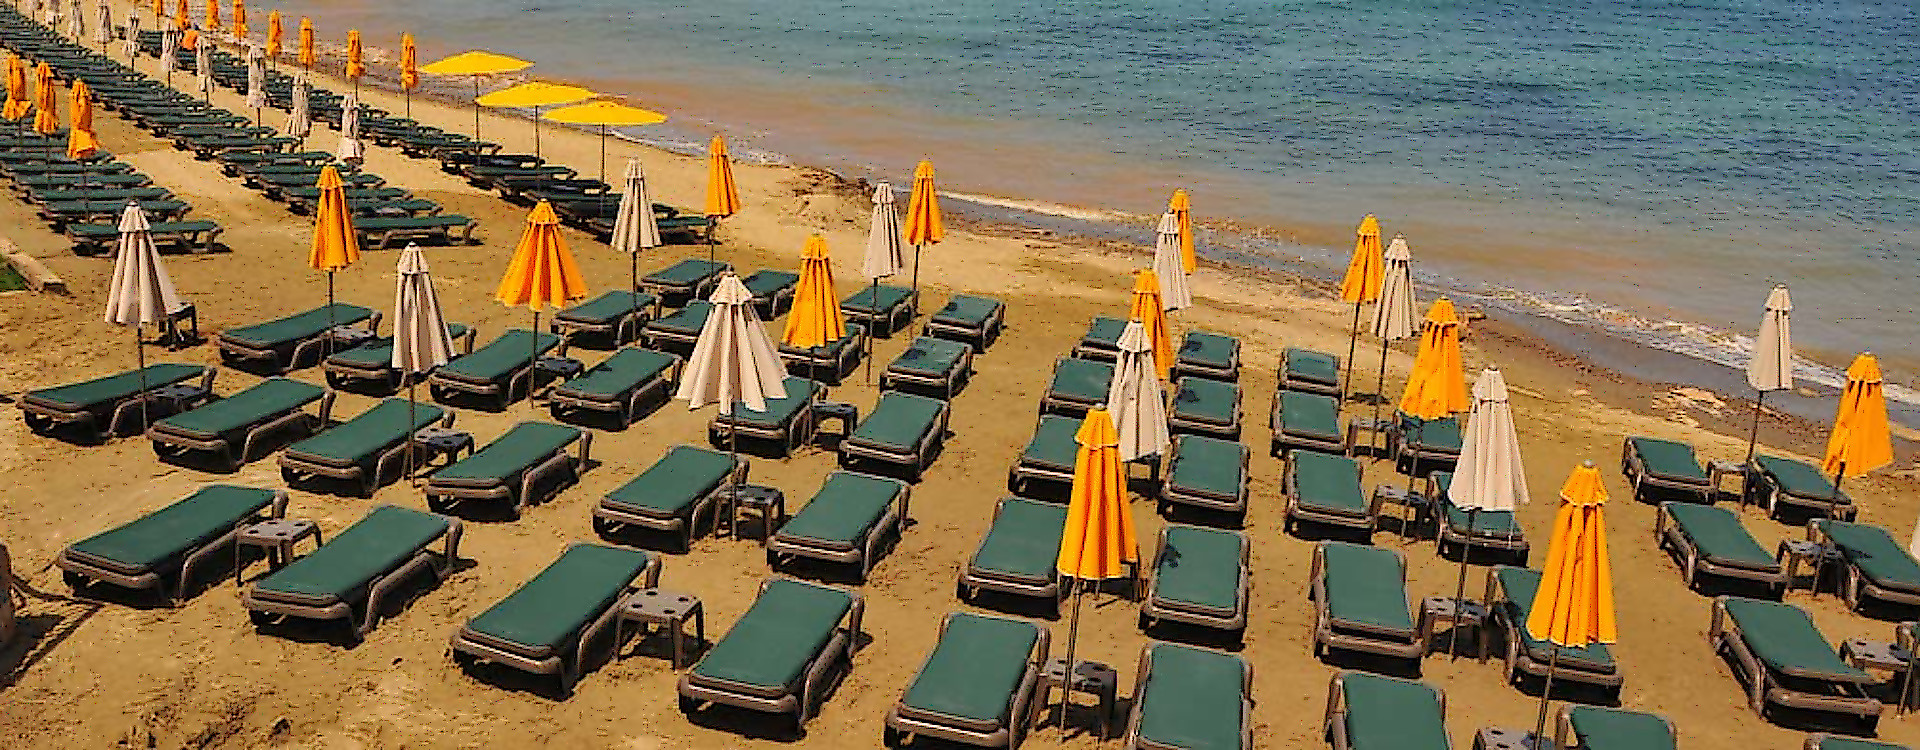 Купити іспанські пляжні сонцезахисні парасолі Balliu у офіційного імпортера